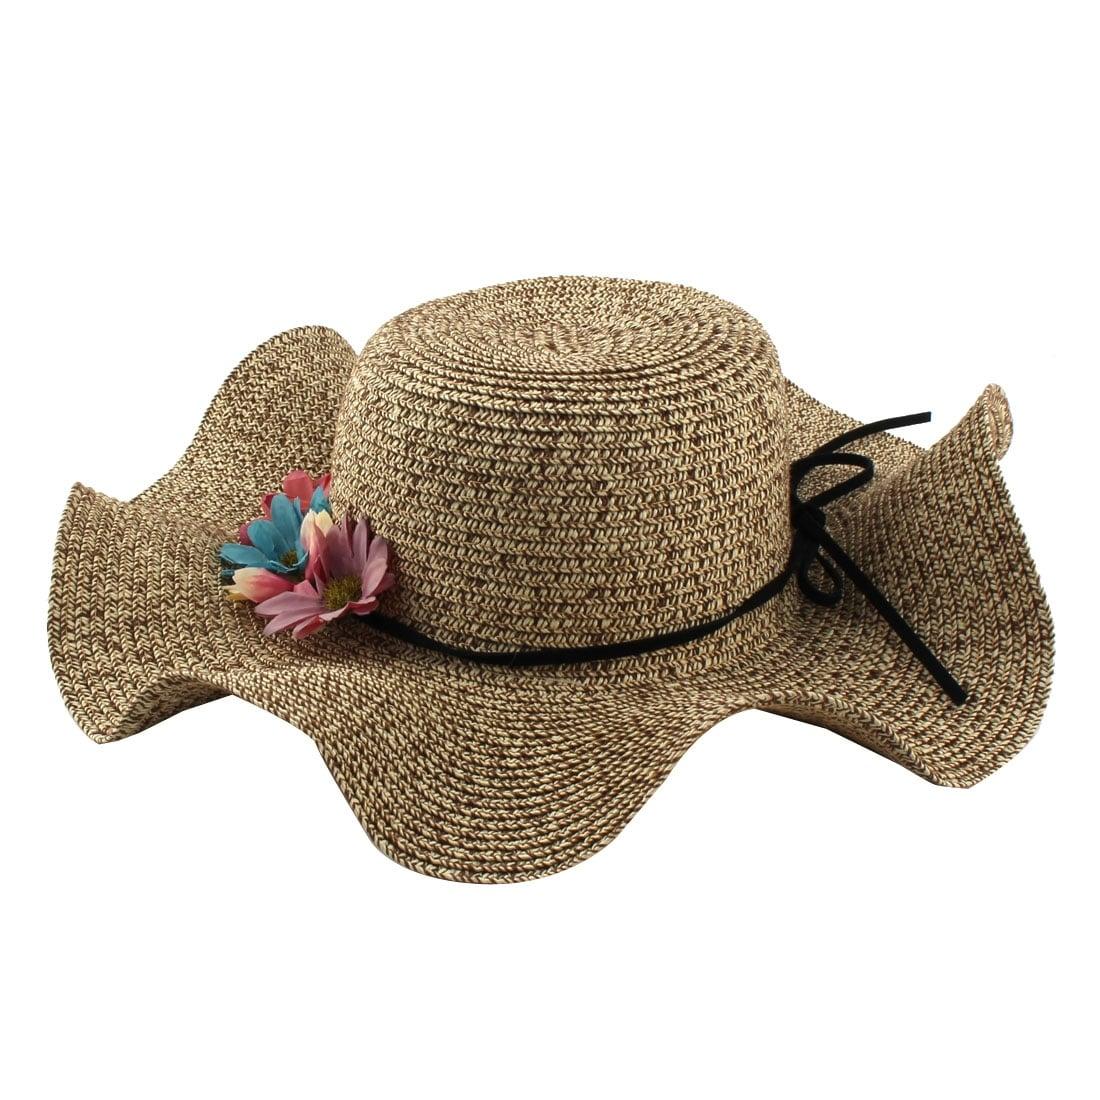 Shop Ladies Straw Flower Design Decor Garden Beach Cap Wide Brim Sun ...